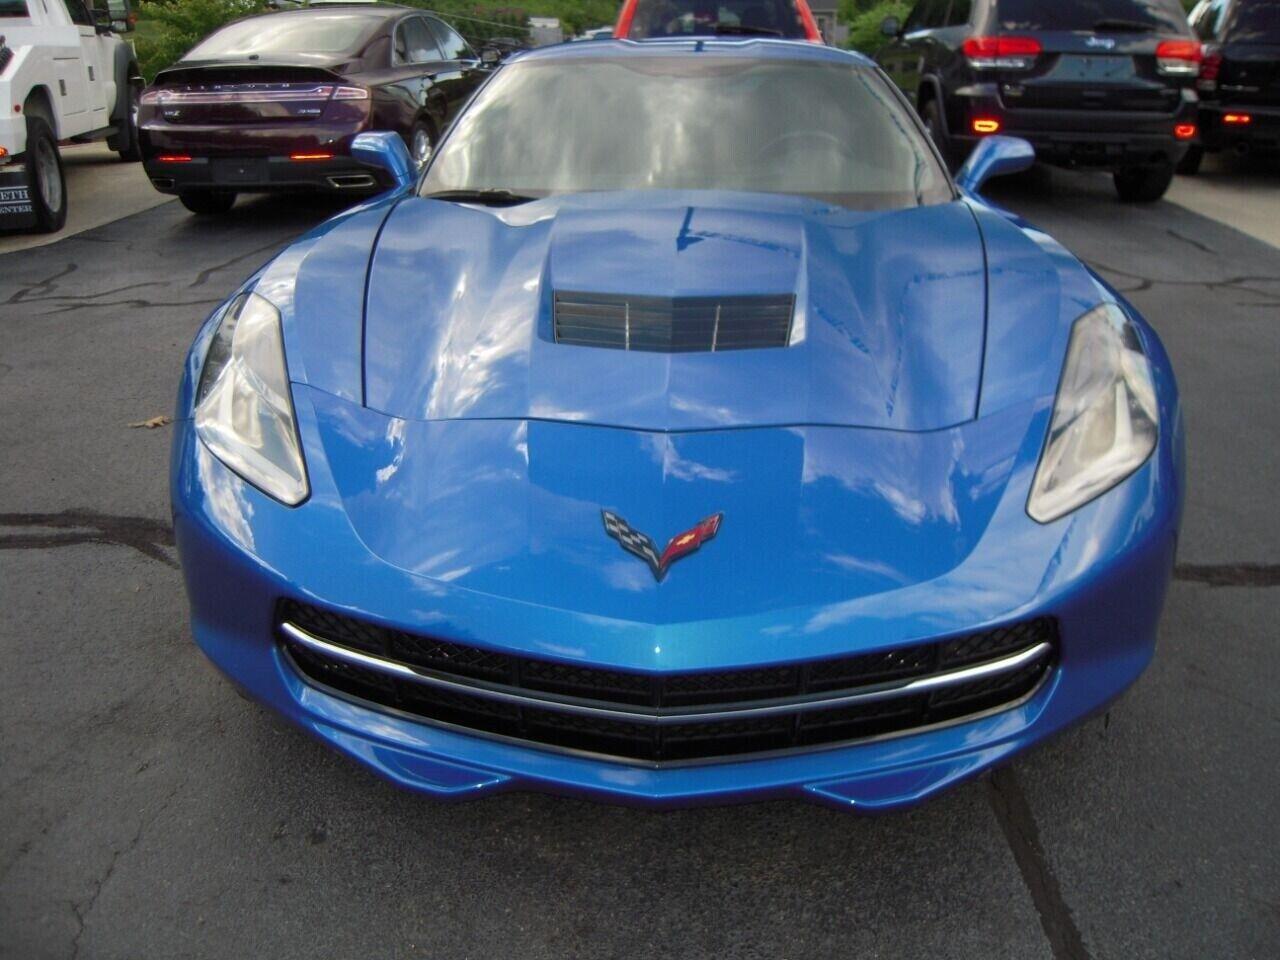 2014 Blue Chevrolet Corvette  1LT | C7 Corvette Photo 8